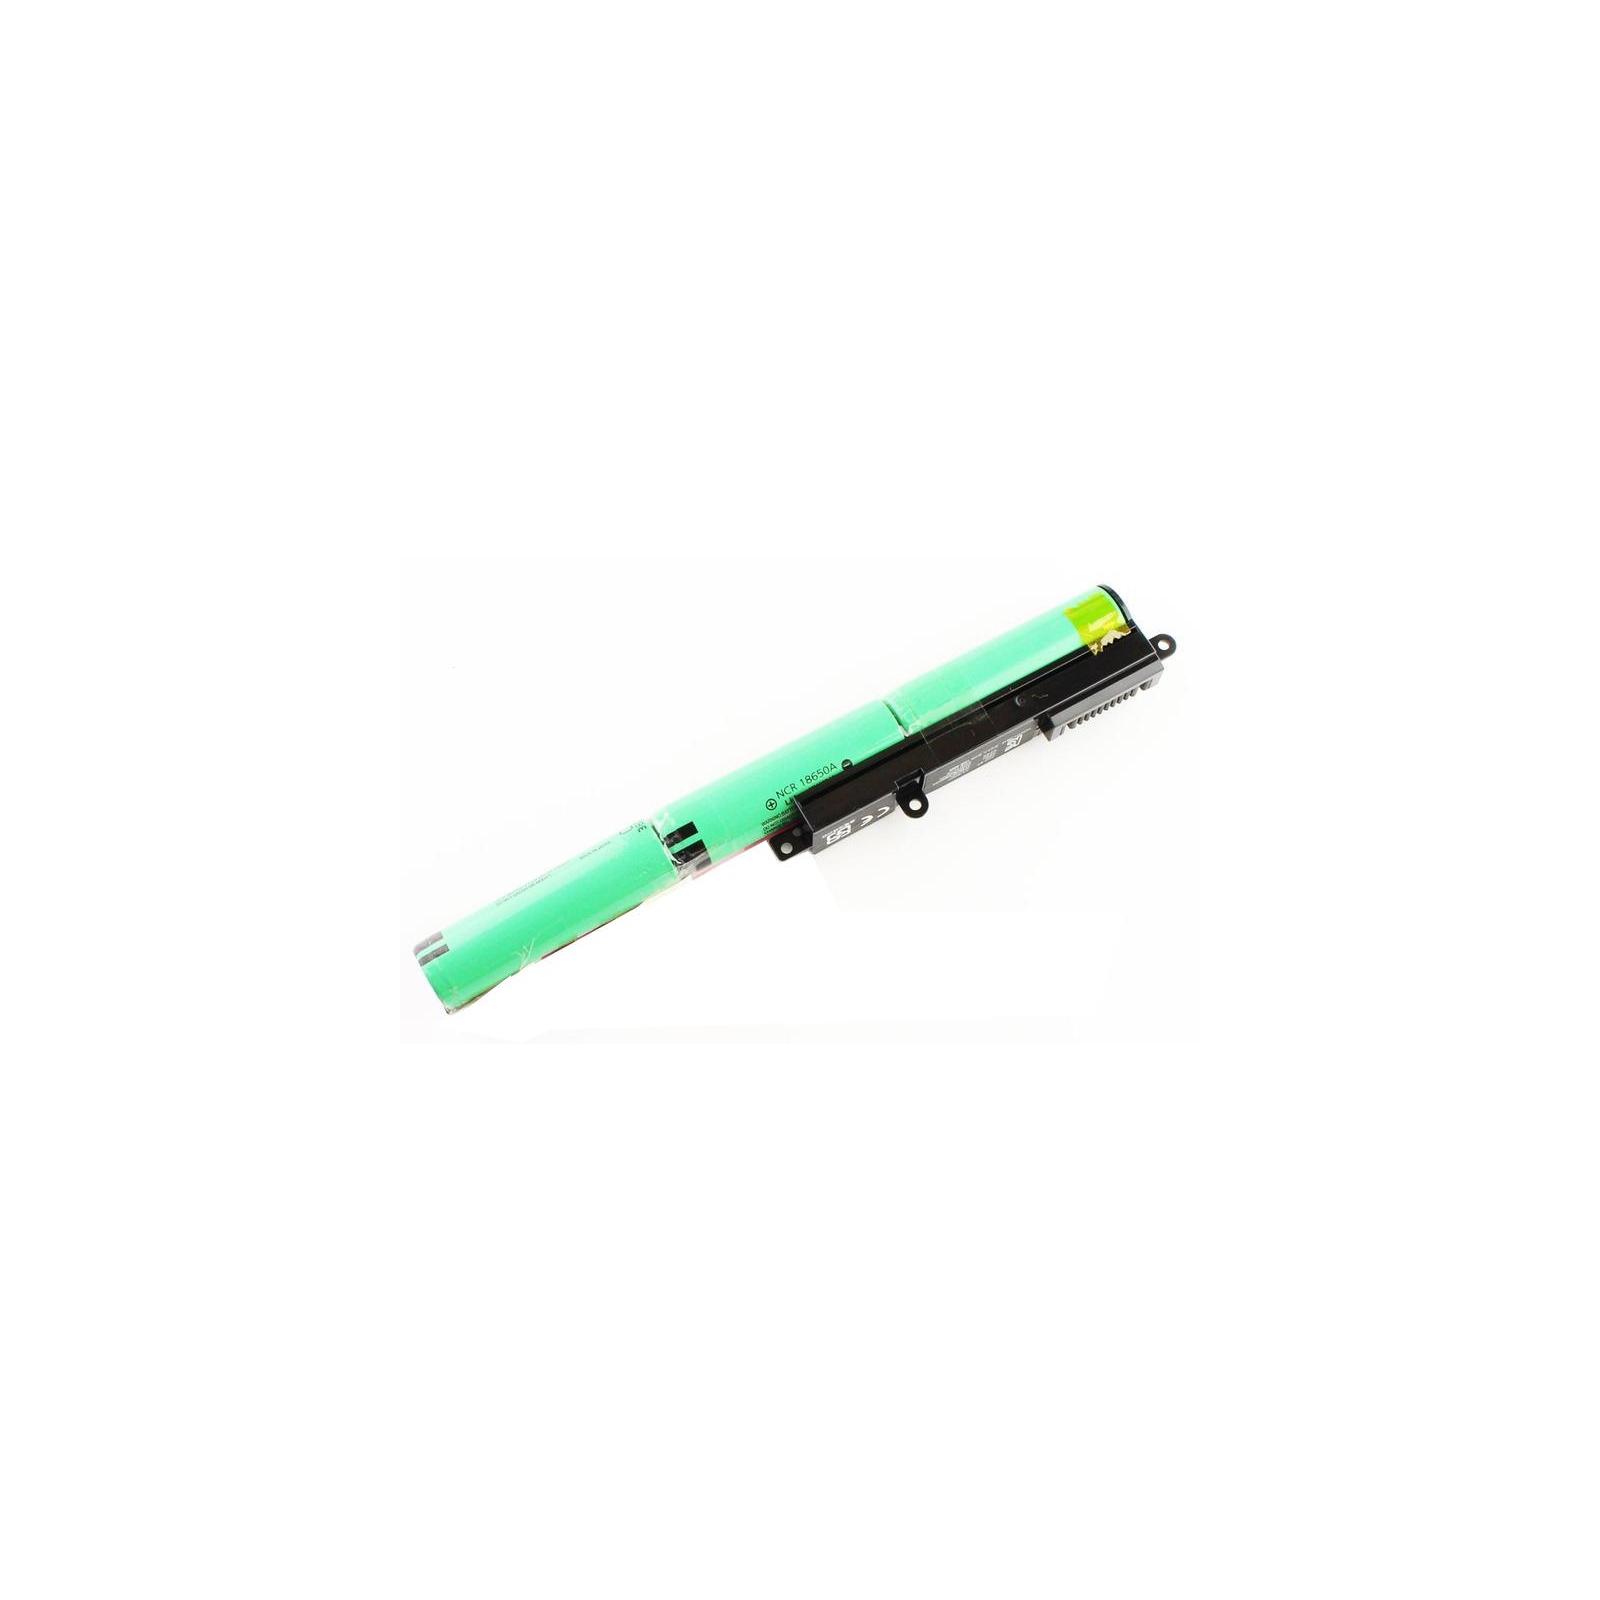 Аккумулятор для ноутбука ASUS X540A31N1519, 3200mAh (36Wh), 3cell, 10.8V, Li-ion, черная (A47173) изображение 2